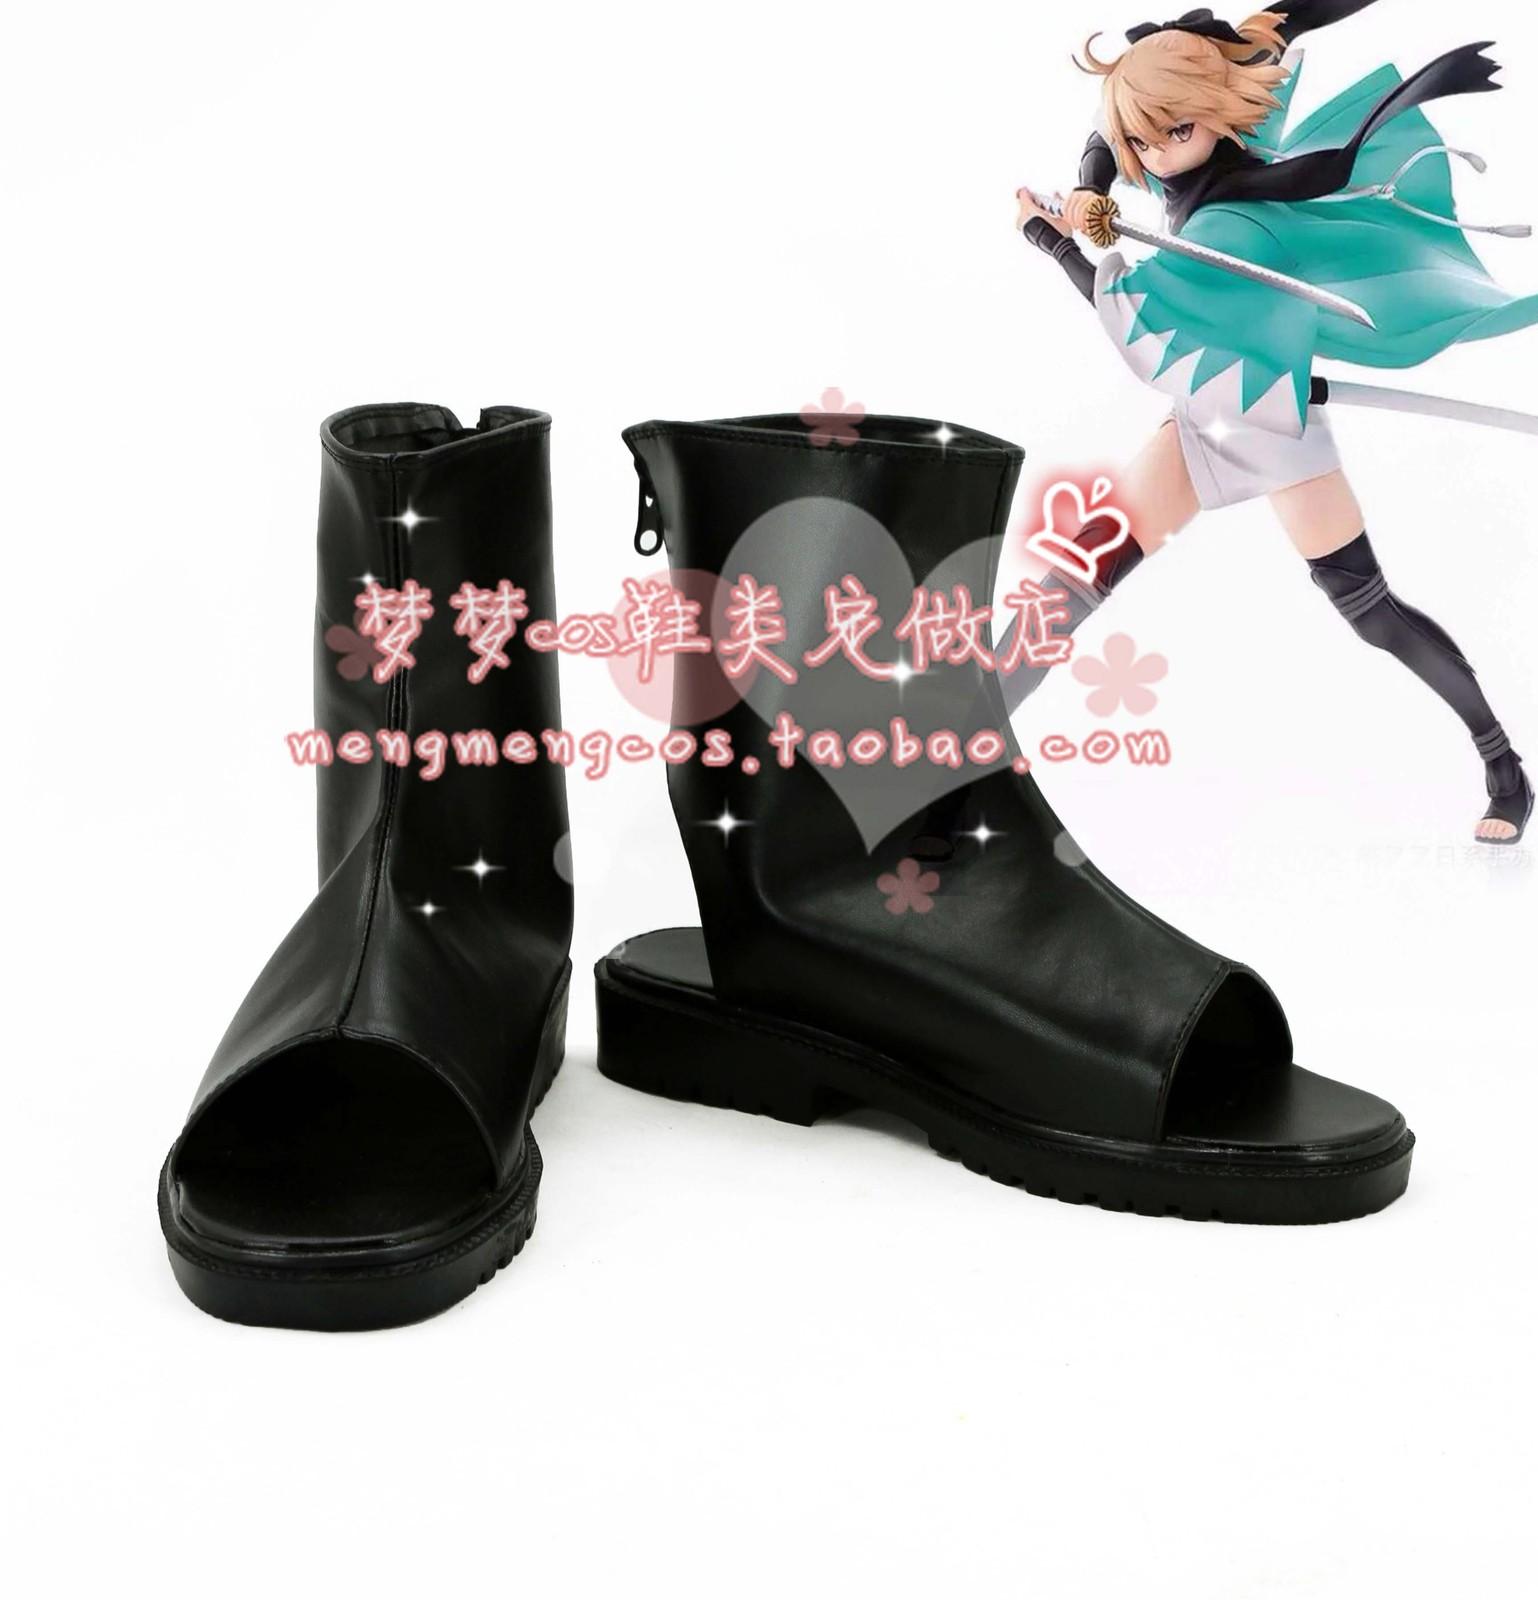 Fate Grand FateGrand Order Saber Okita Souji ninjia naruto Cosplay Shoes  #AT20